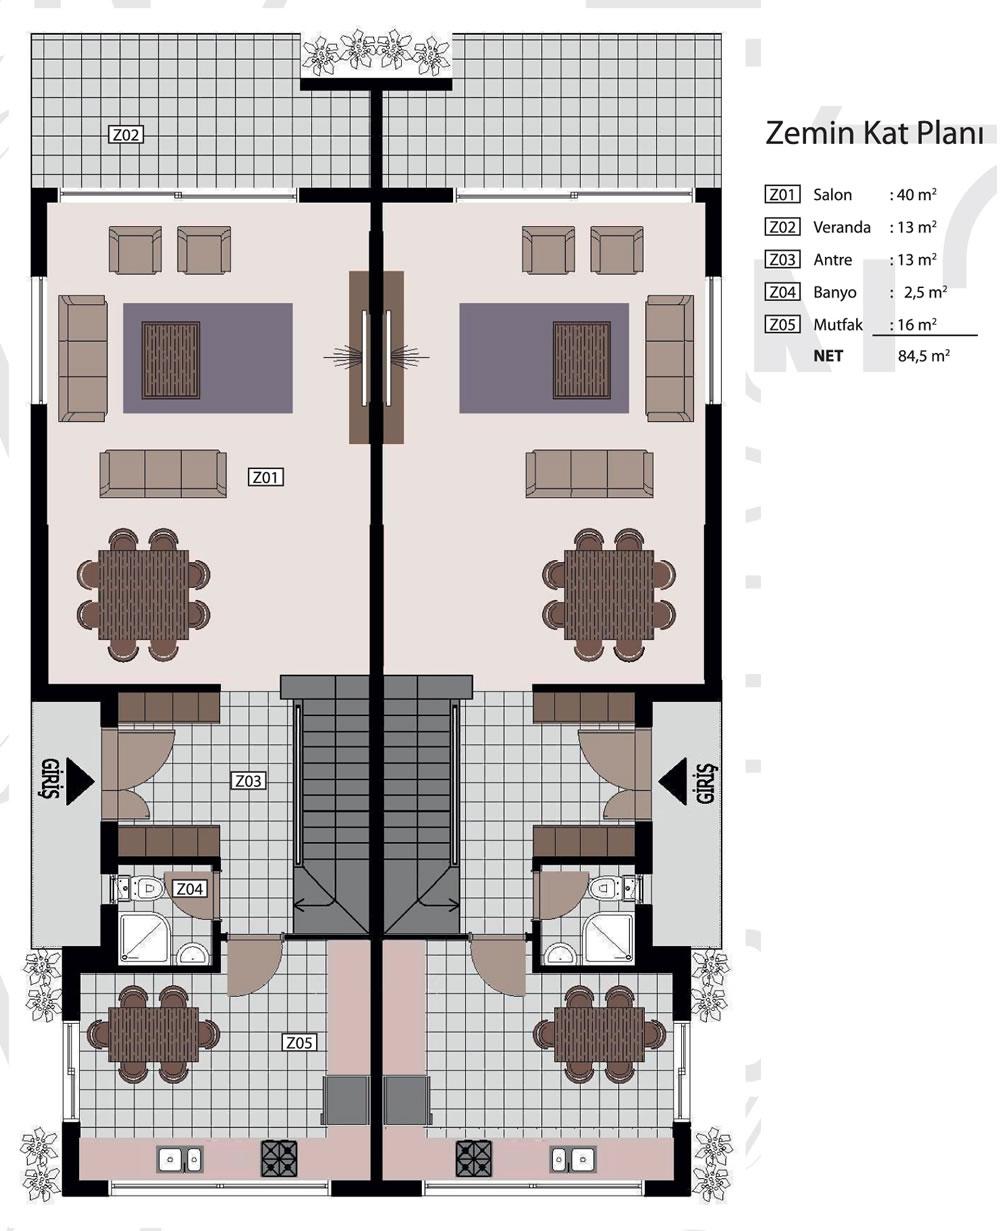 Zemin Kat Planı